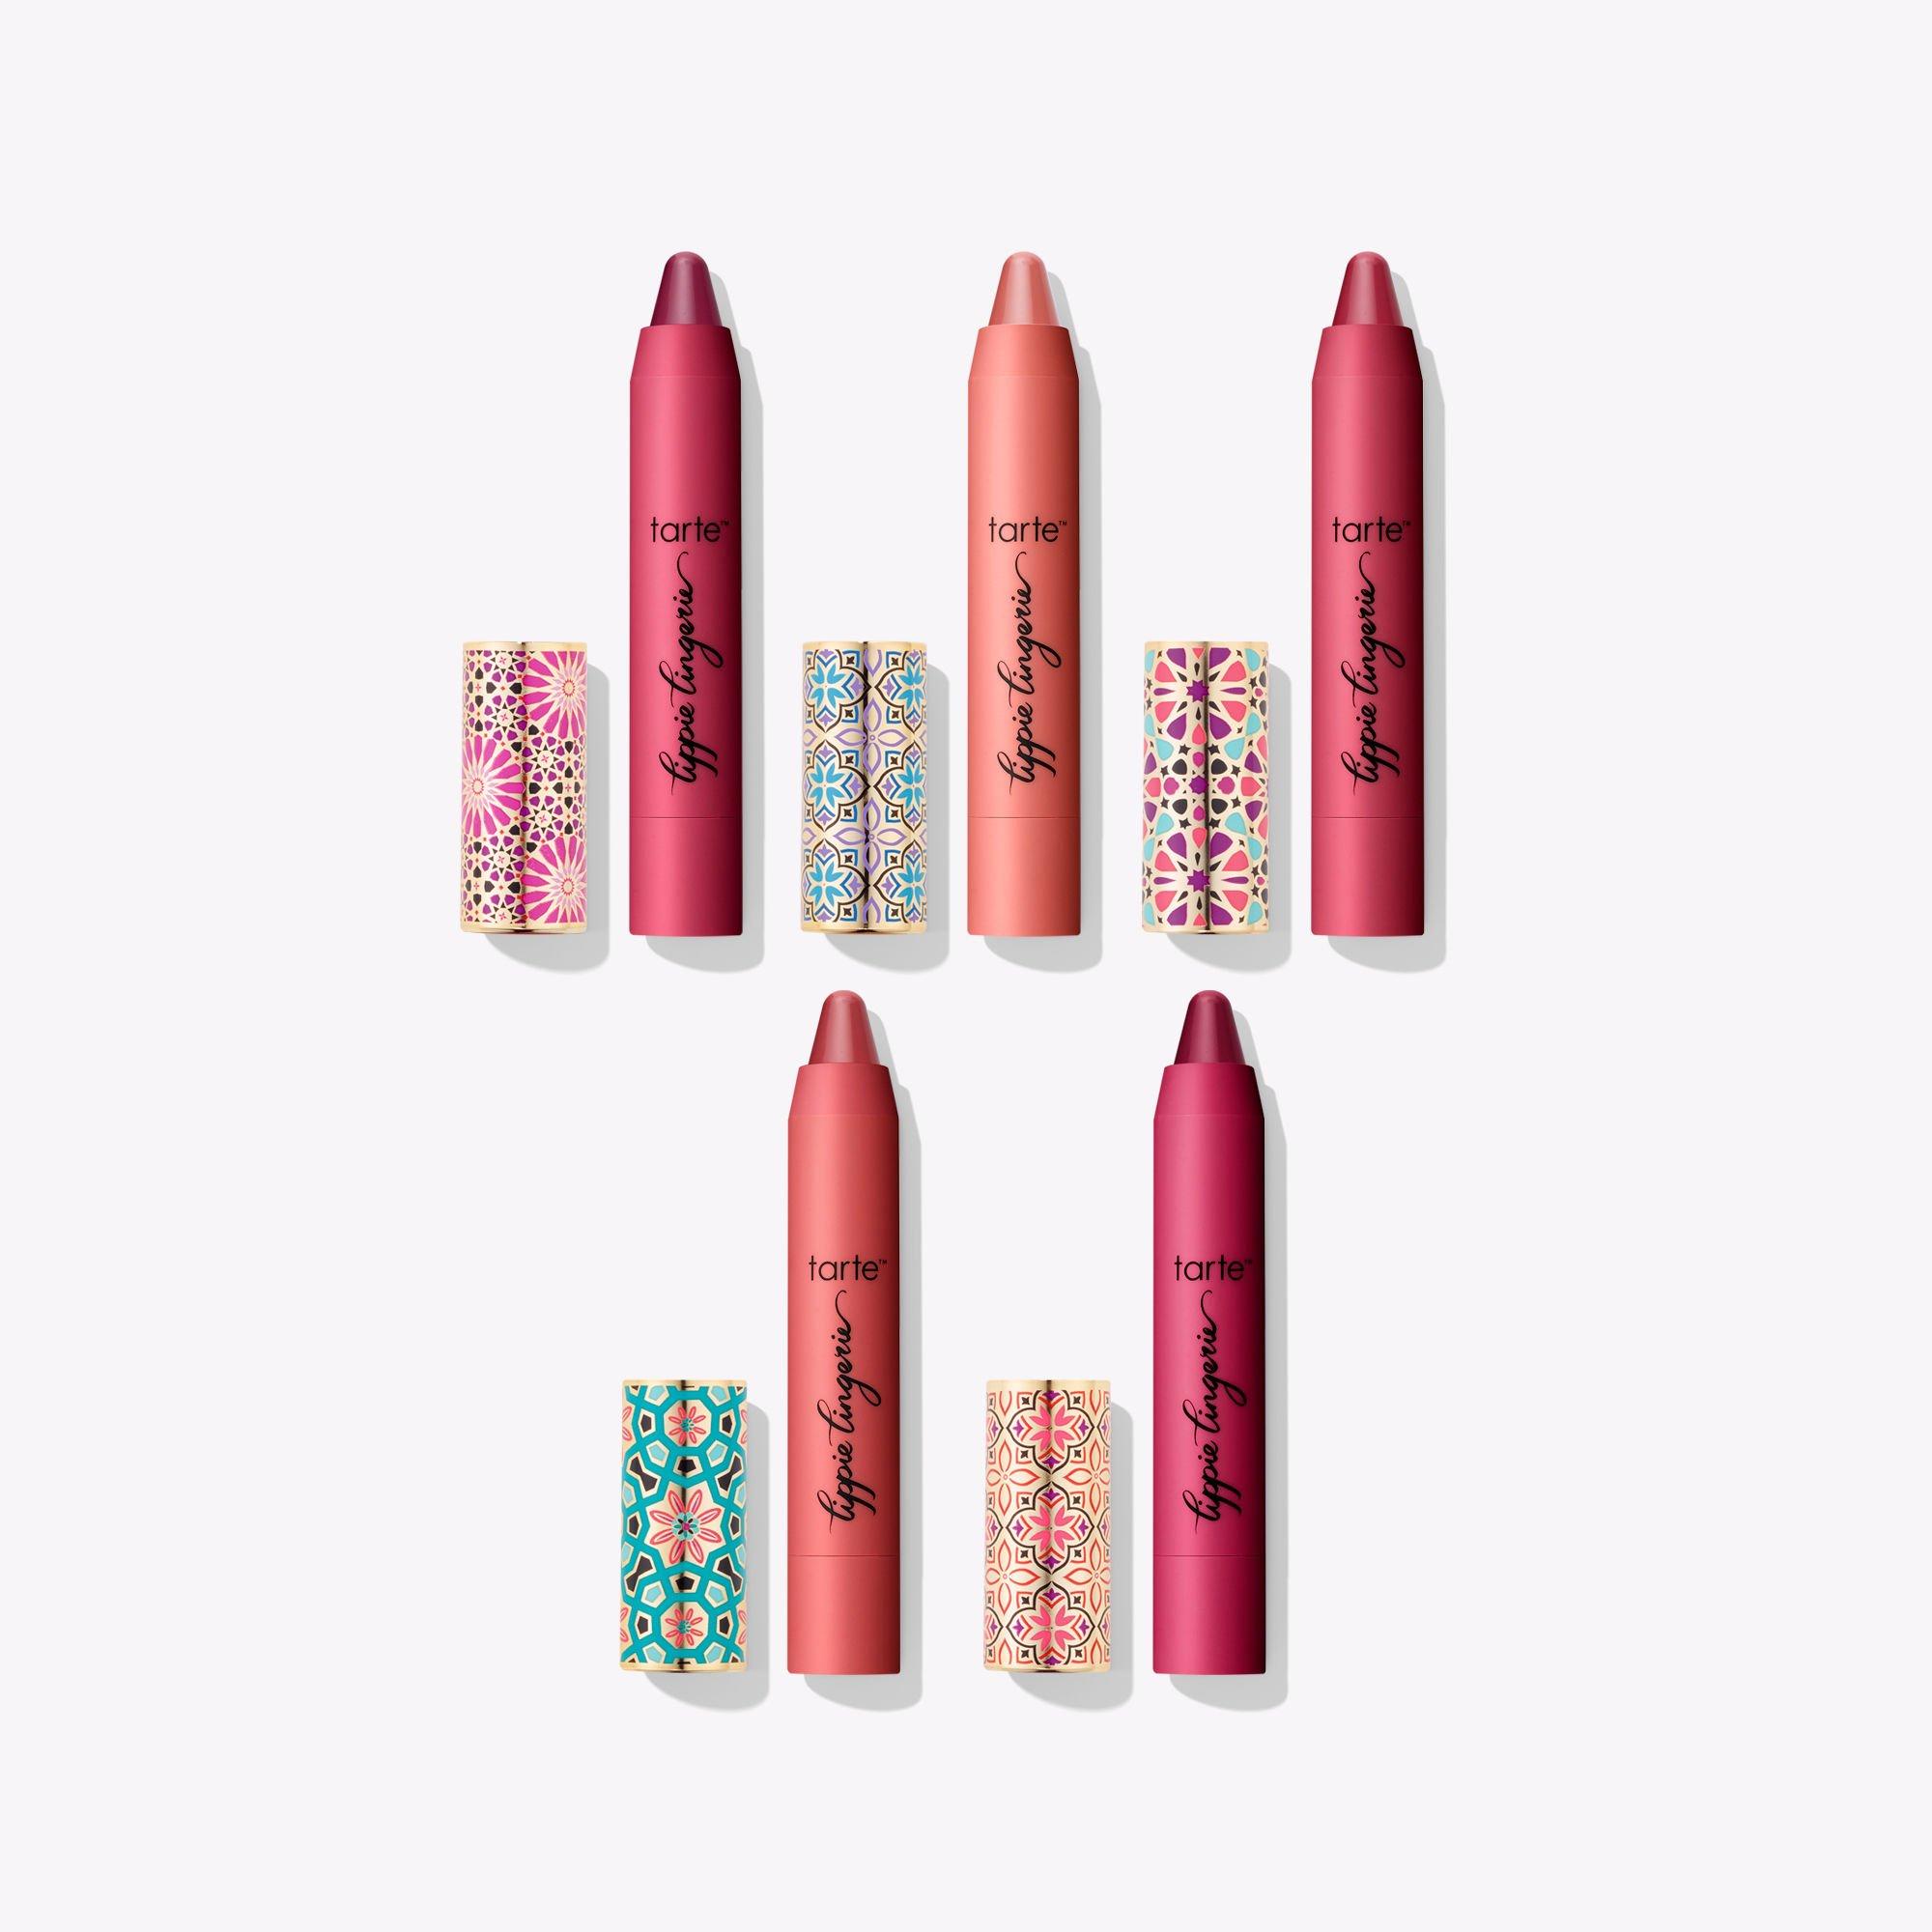 Tarte Limited Edition Pout Pleasures Lip Set